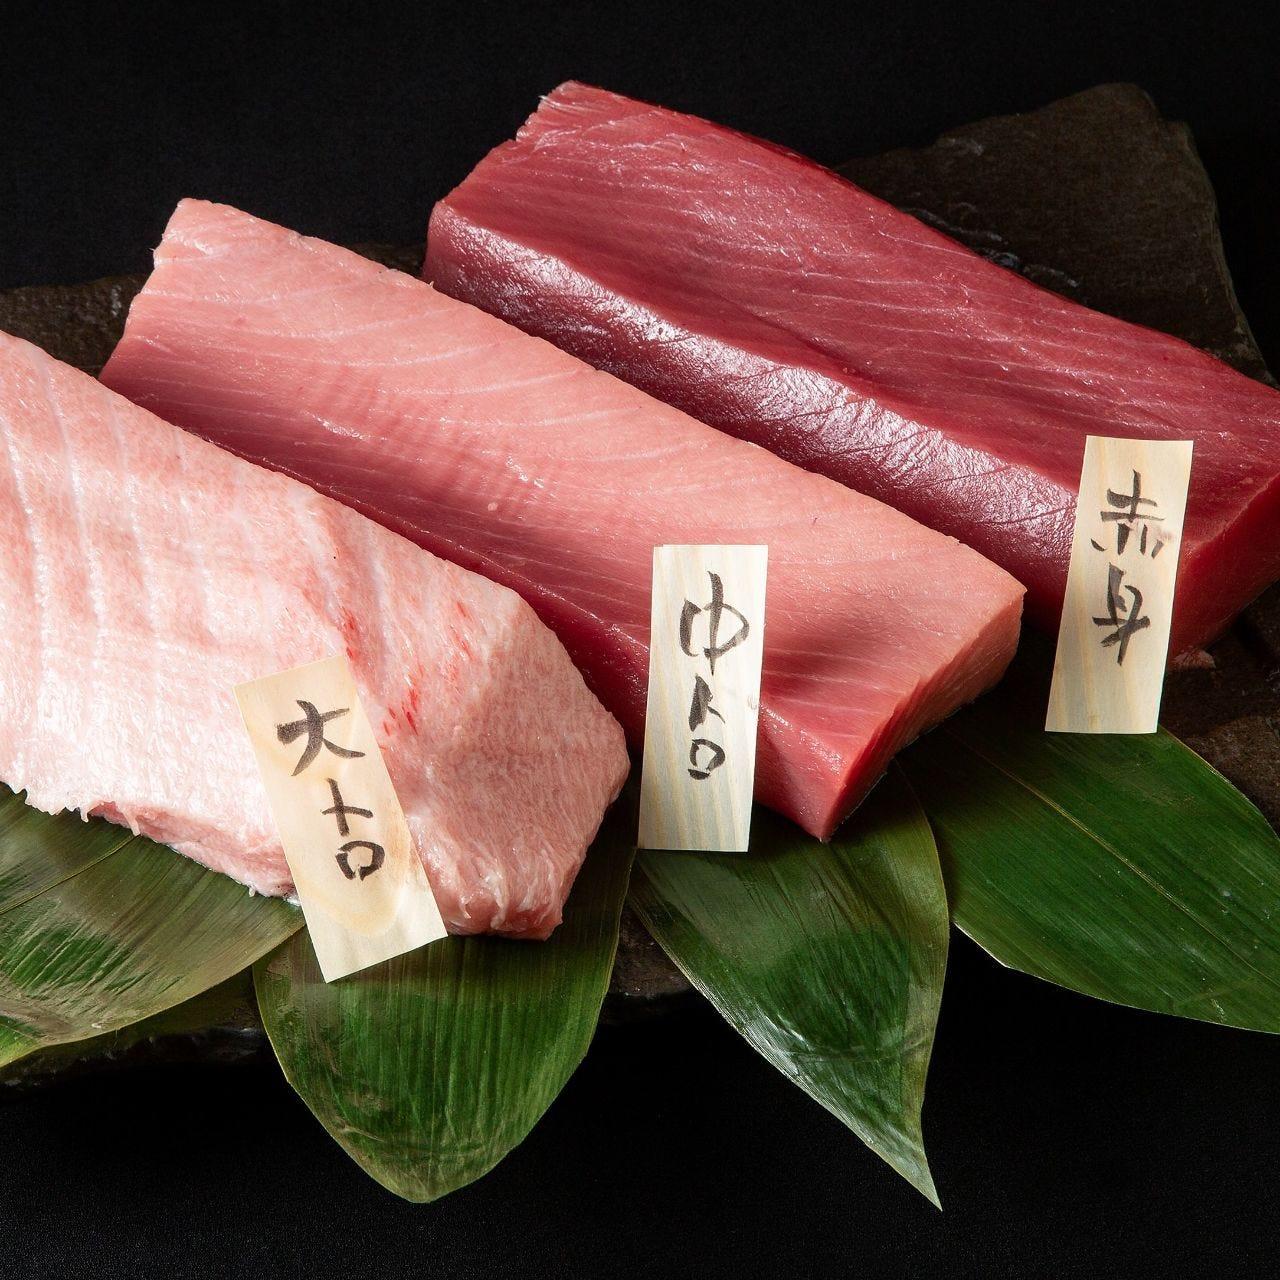 本鮪の食べ比べ。刺身盛りや握り寿司をご用意いたします。